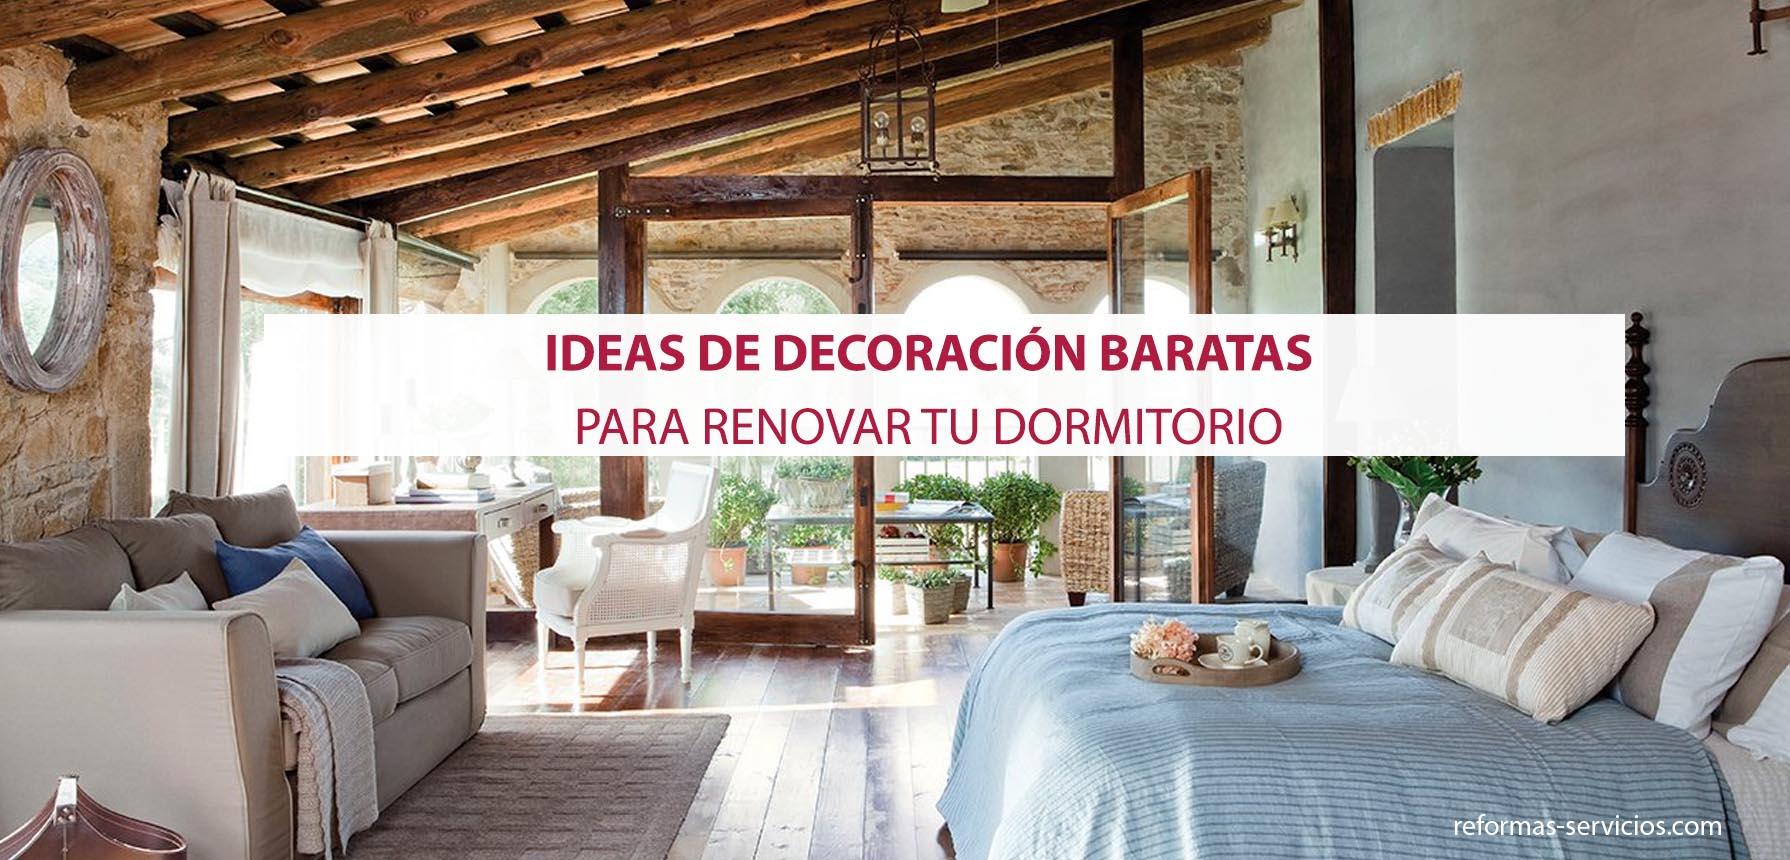 ideas de decoracion 99343dba1eaa